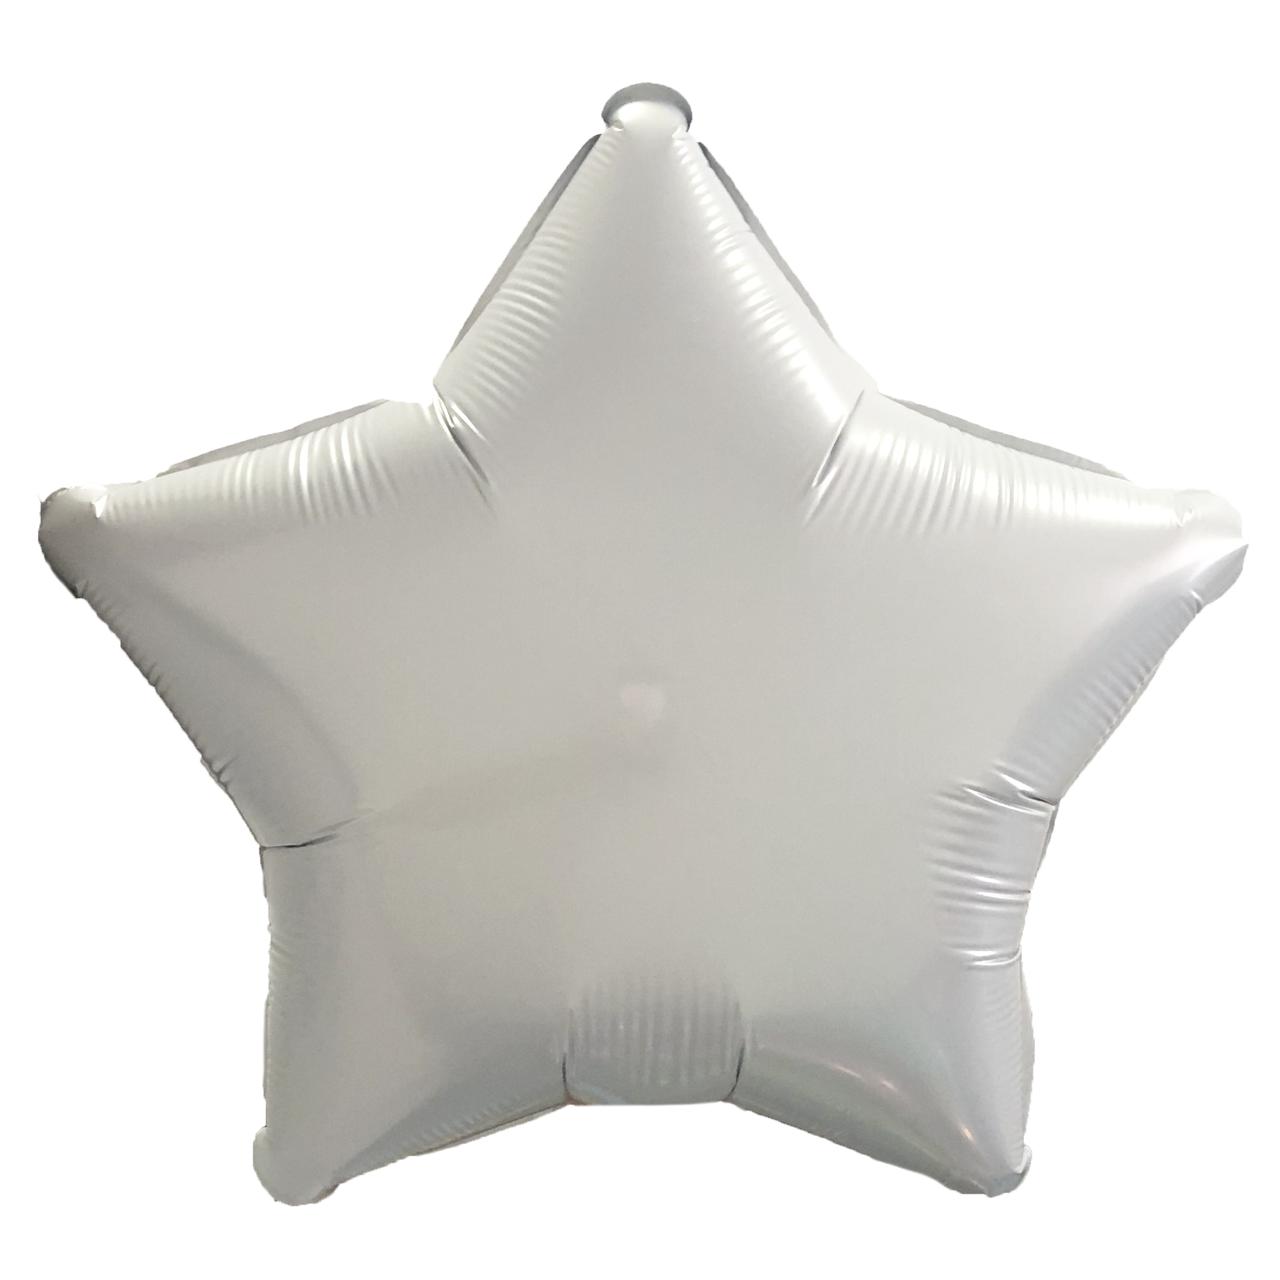 Фольгированный шар 18' Китай Звезда серая, 44 см